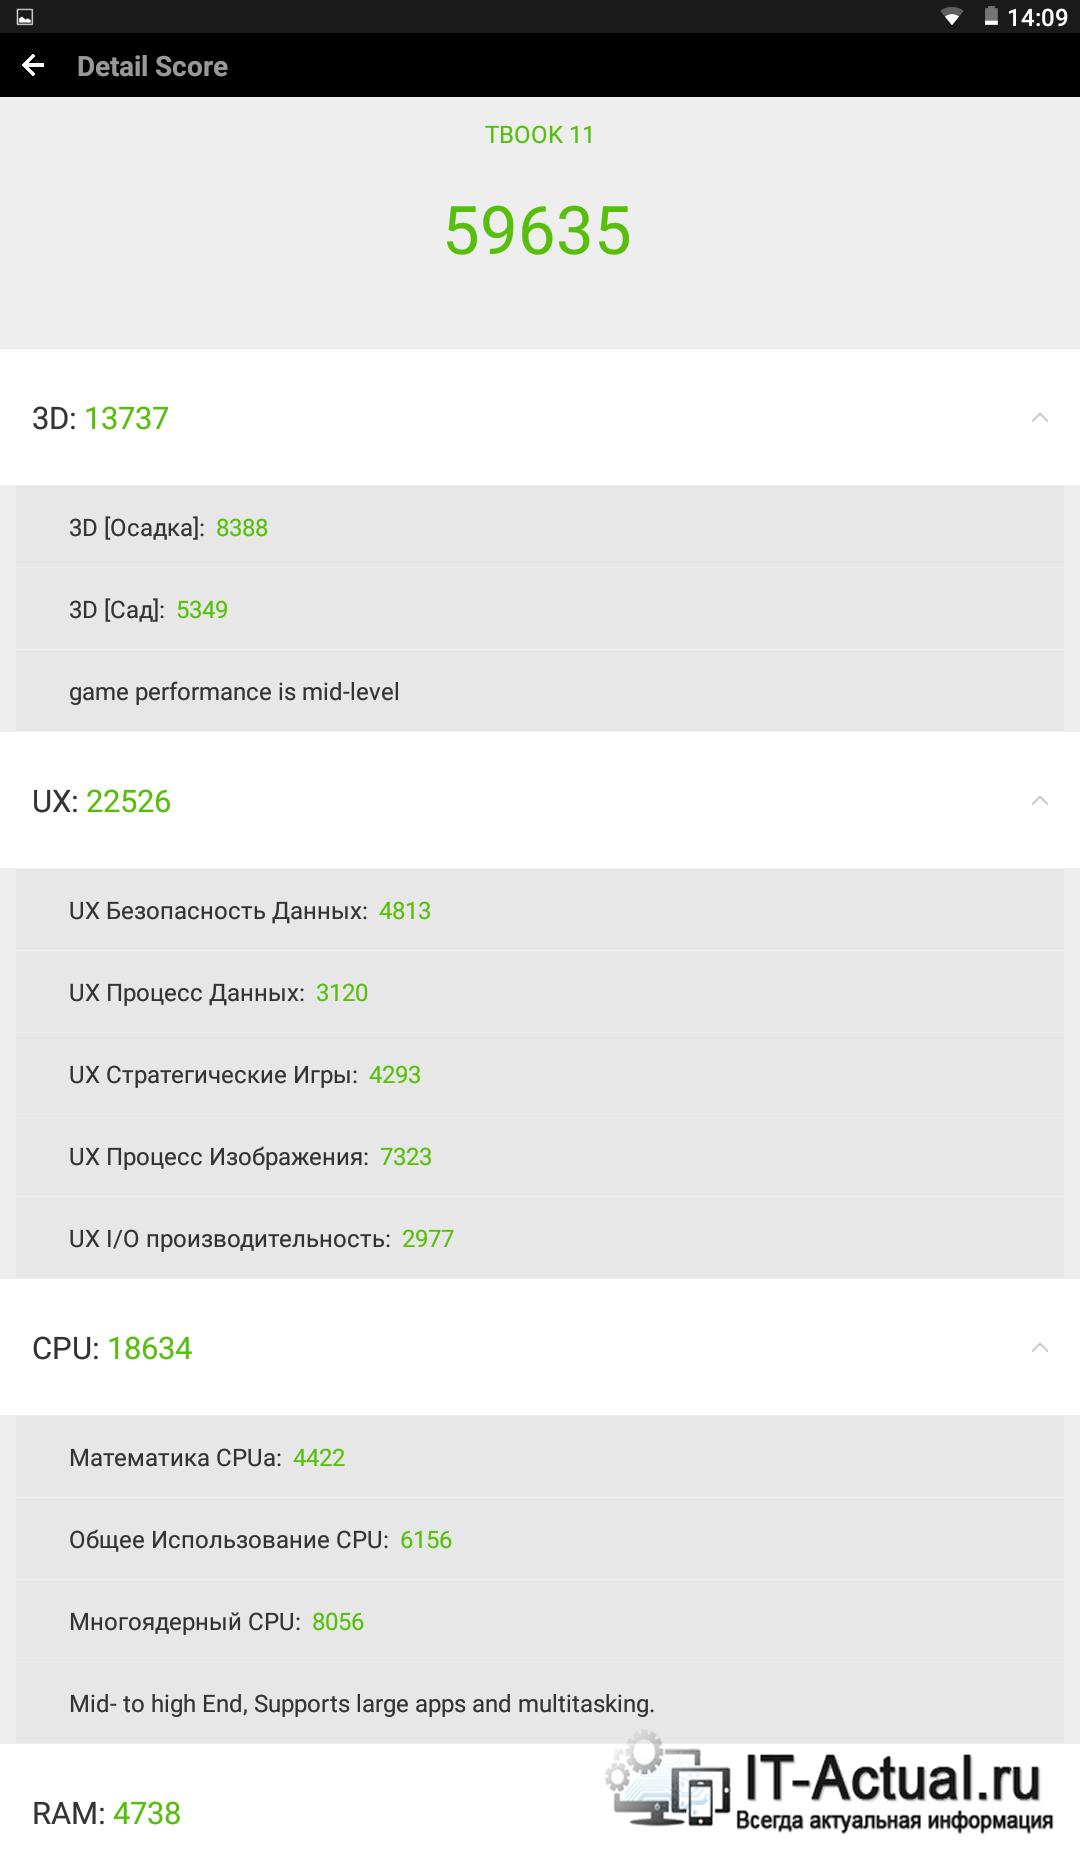 Результат тестирования Teclast Tbook 11 в AnTuTu